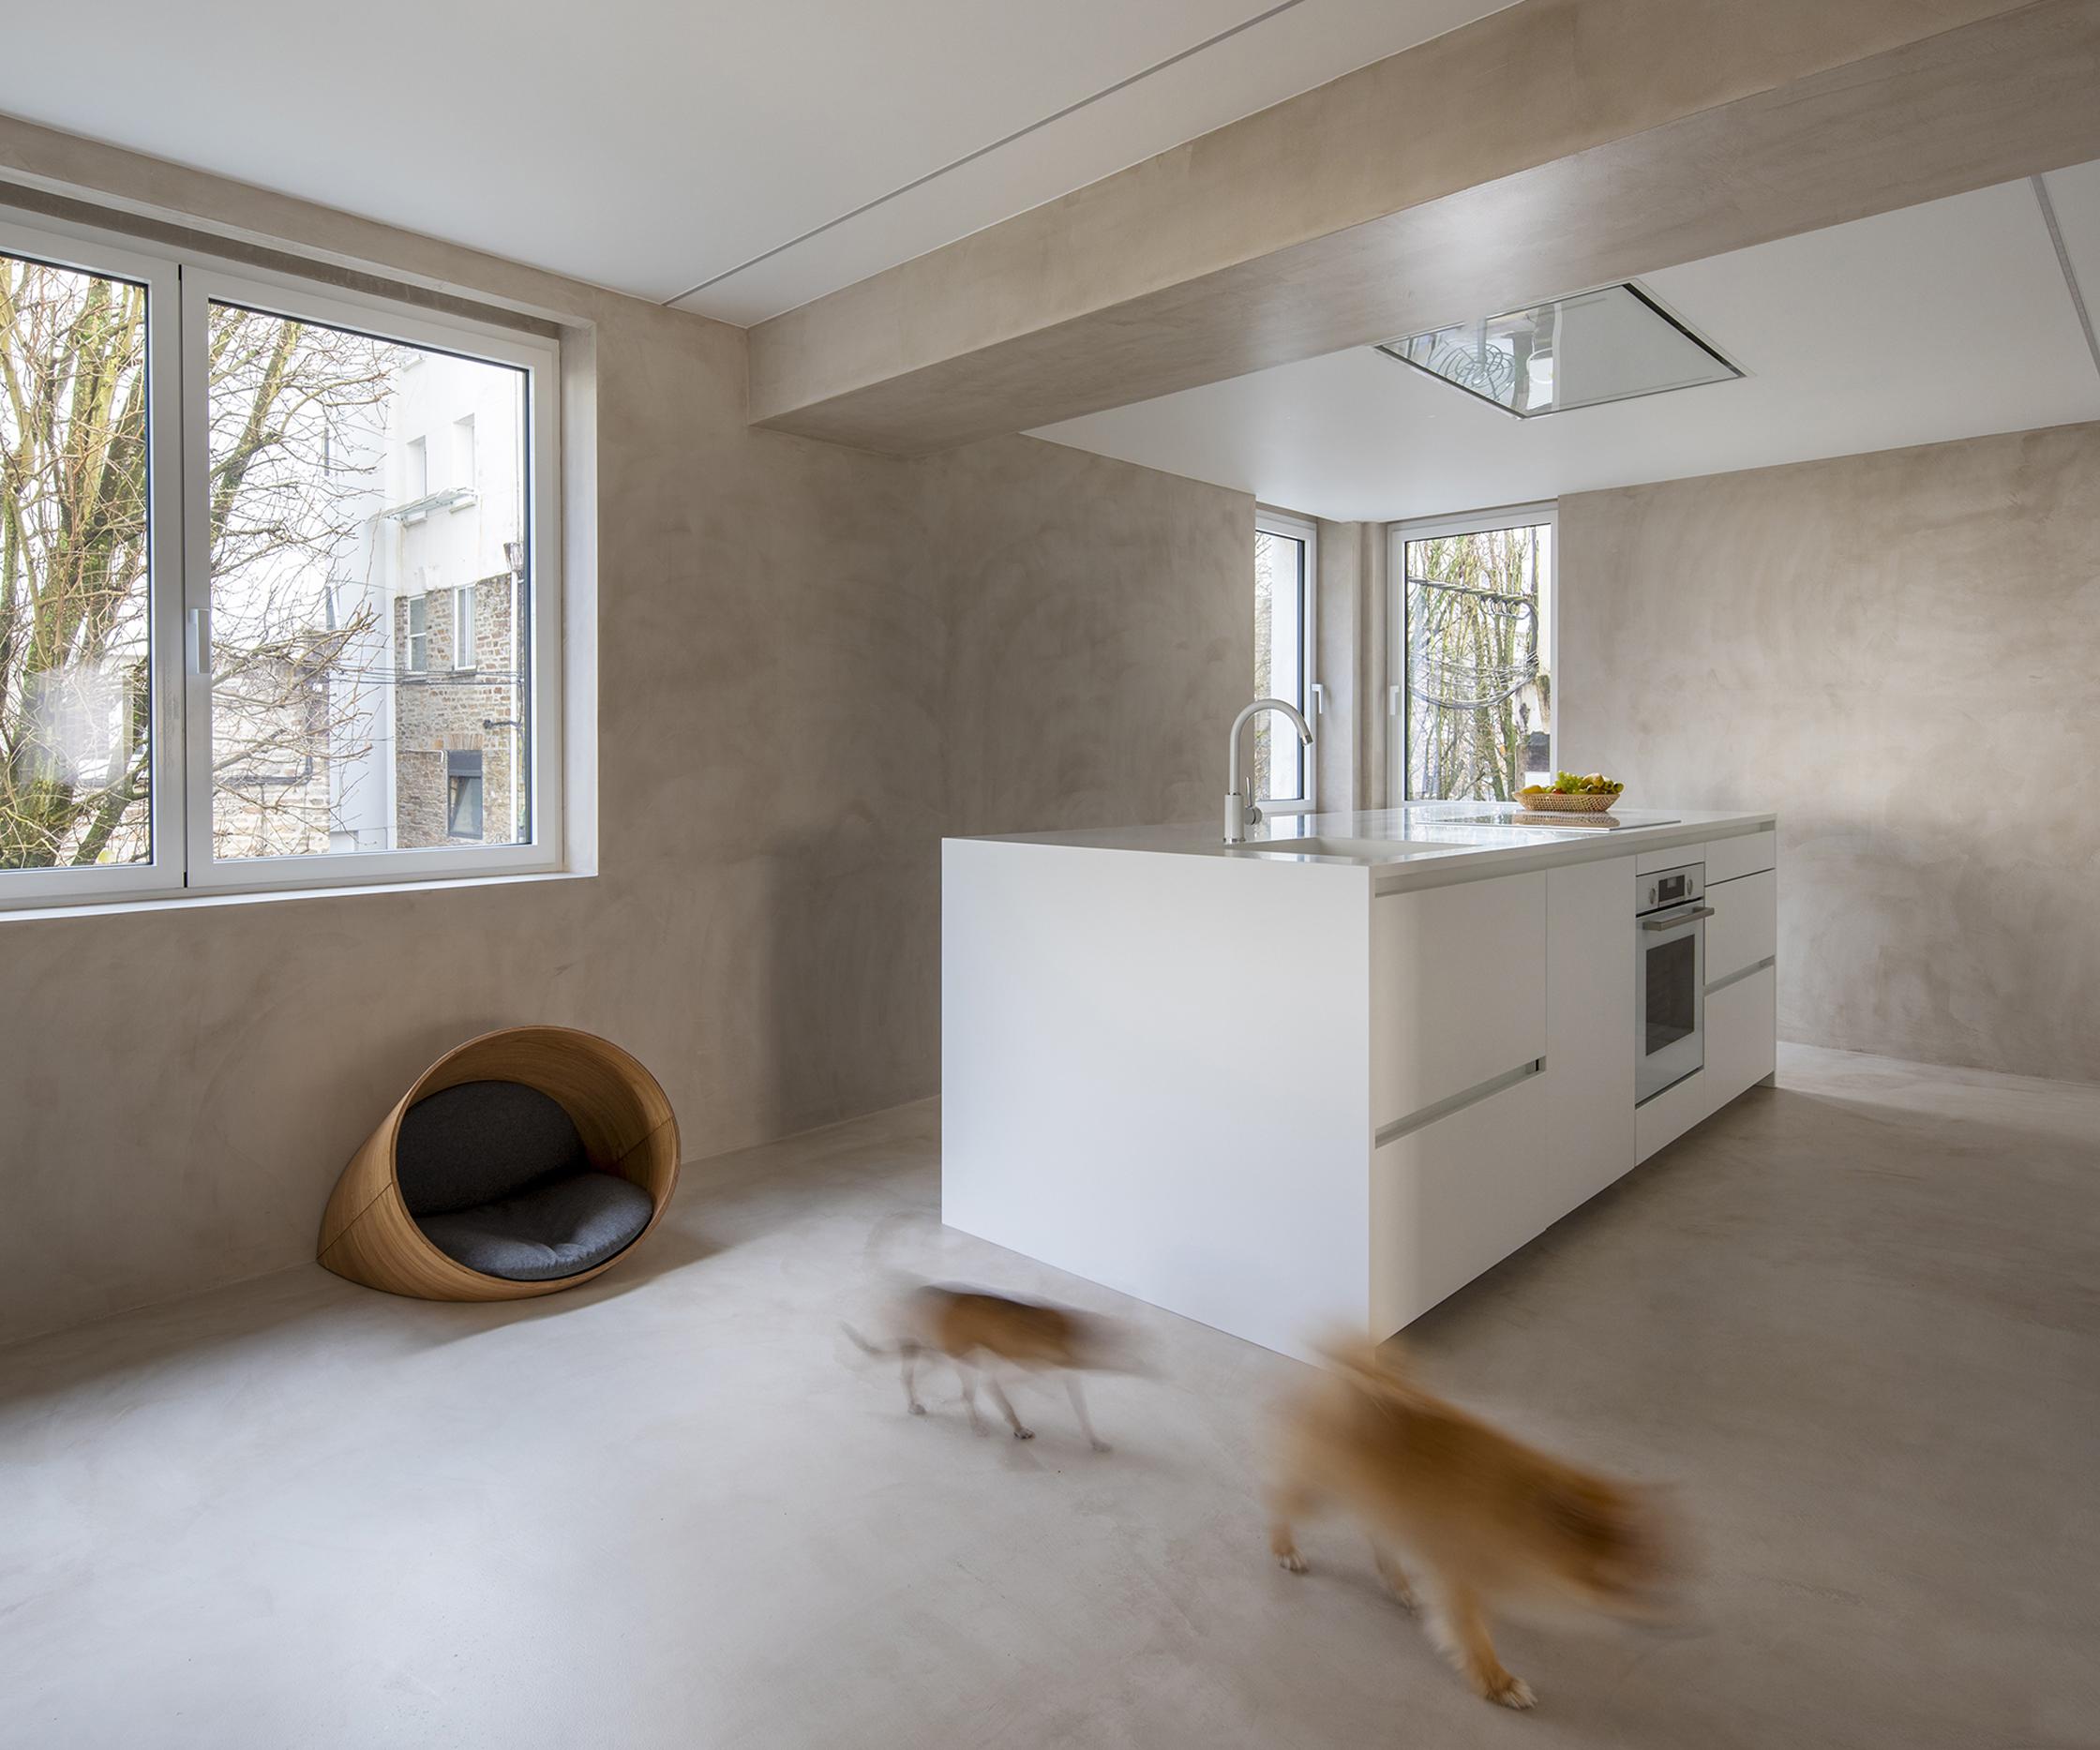 Cocina blanca con isla. Santiago Interiores. Nido_house